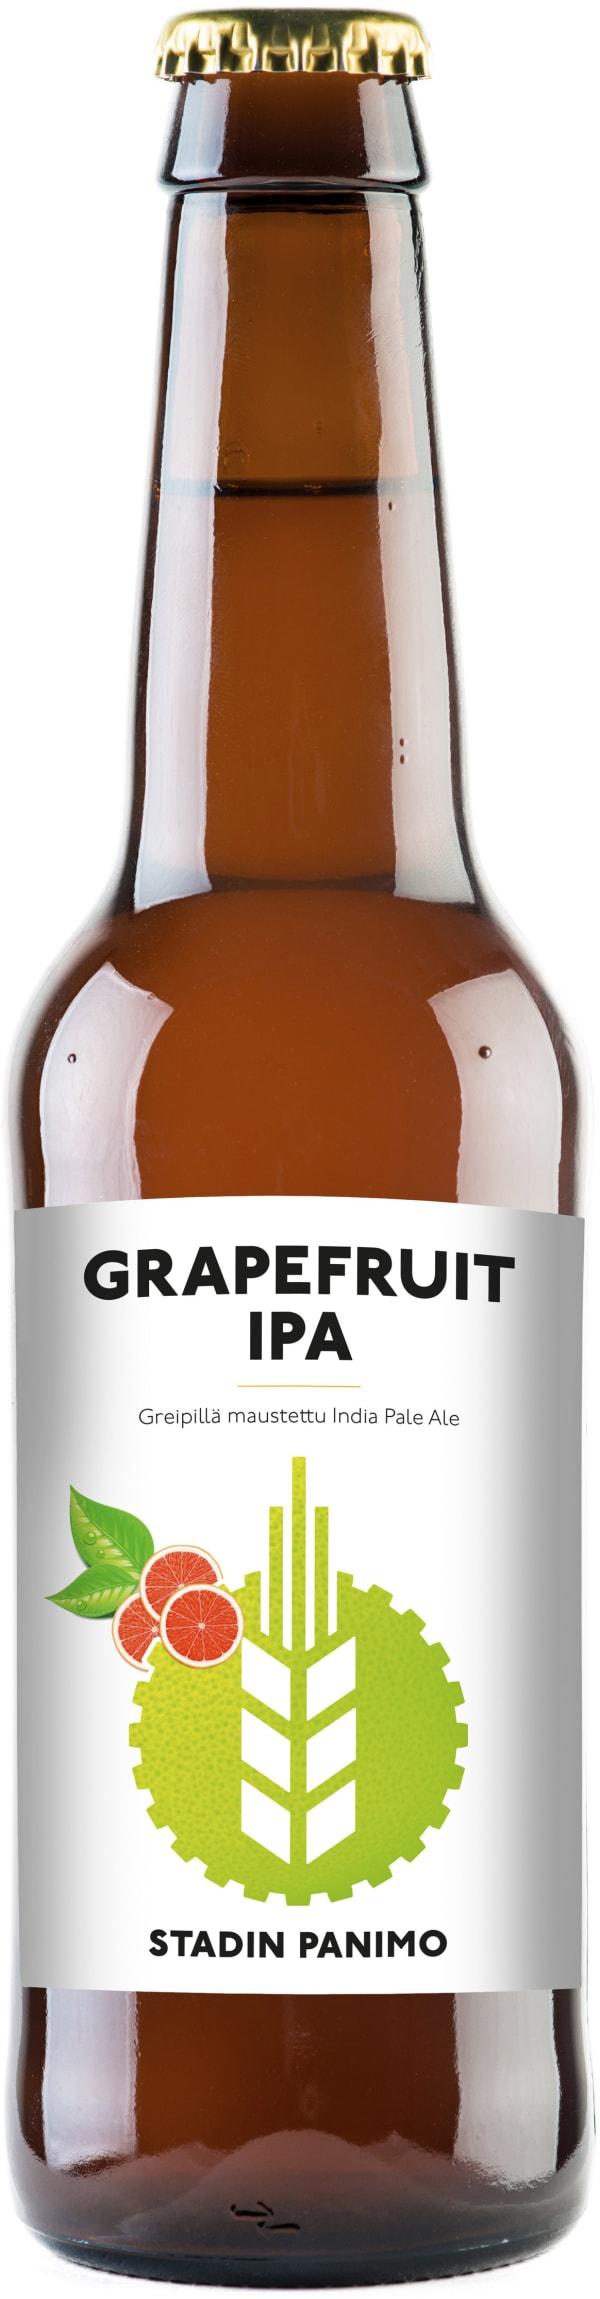 Stadin Panimo Gasometer Grapefruit IPA